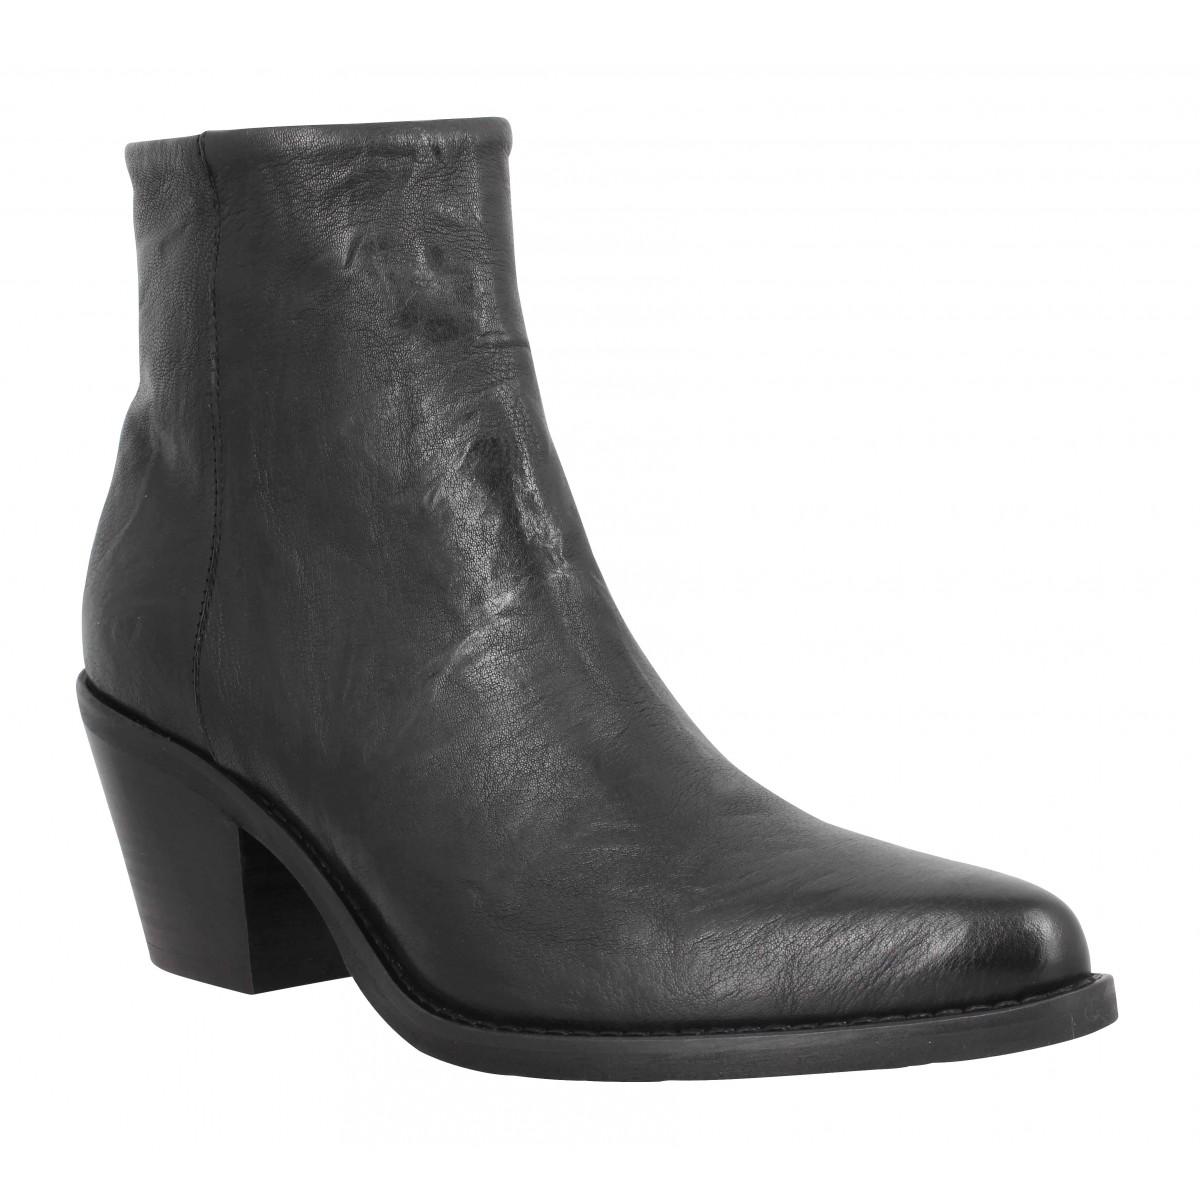 Bottines SEMERDJIAN ER513 cuir Femme Noir